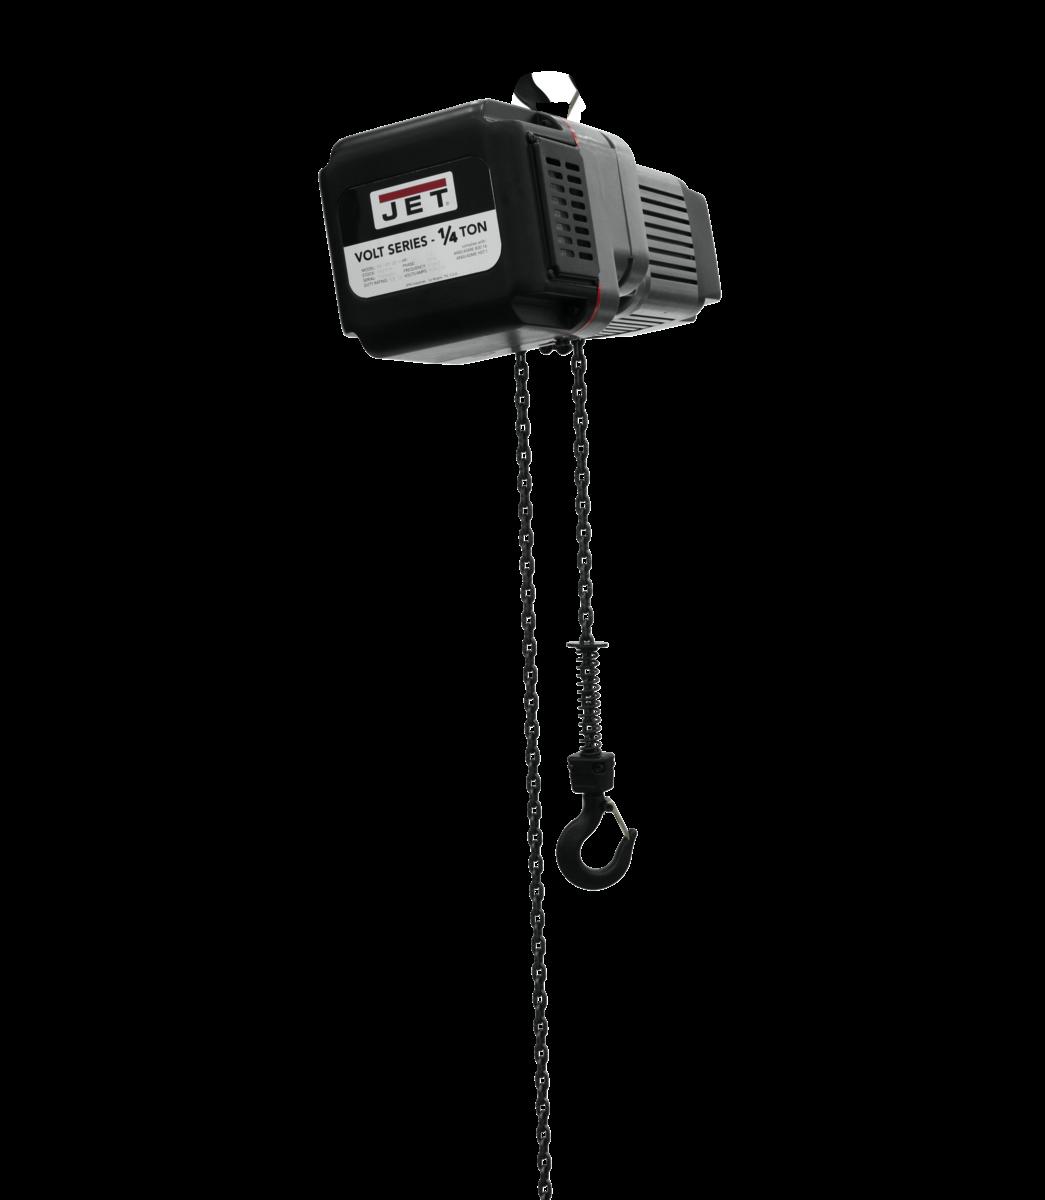 VOLT 1/4TVARIABLE-SPEED ELECTRIC HOIST 3PH 460V 15' LIFT